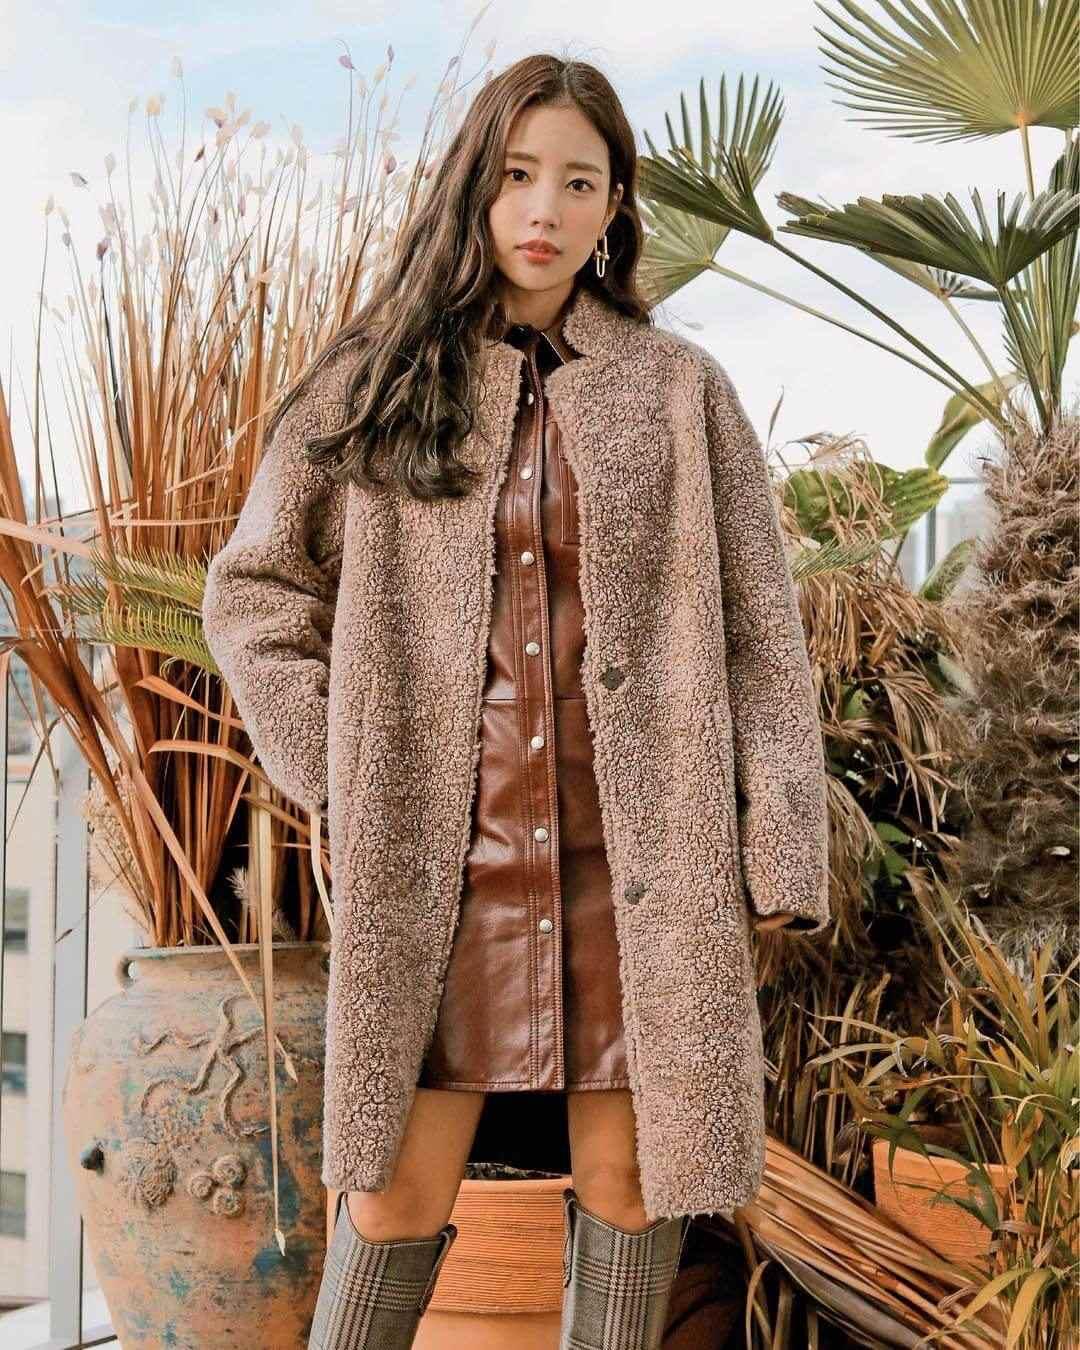 『金恩世:刷毛外套+裙裝』  刷毛外套在市面上有很多不同的剪裁與款式,如連帽外套、縮口外套、內襯、大衣等等。穿著常帶領韓國時尚趨勢的金恩世,選擇既優雅又時髦的長版刷毛大衣。穿搭秘訣有三。第一,選擇經典、觀感高級的咖啡色系。第二,內襯選擇有質感的皮革單品。第三,及膝長靴、極具設計感的大耳環等單品的搭配。 商品資訊:SISLEY 刷毛大衣,韓幣398,000。